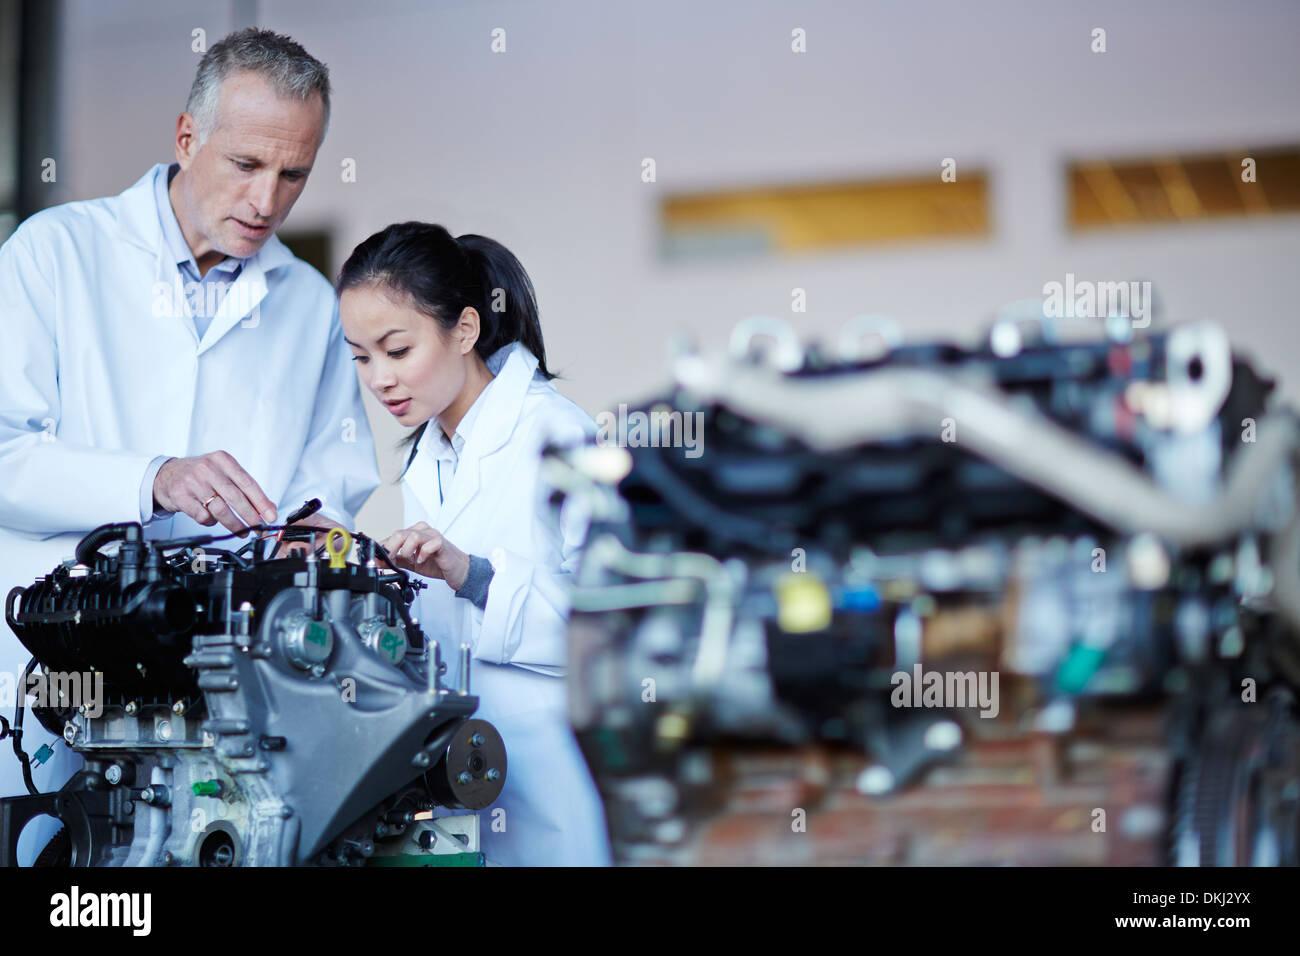 Wissenschaftler arbeiten an Maschine Stockbild